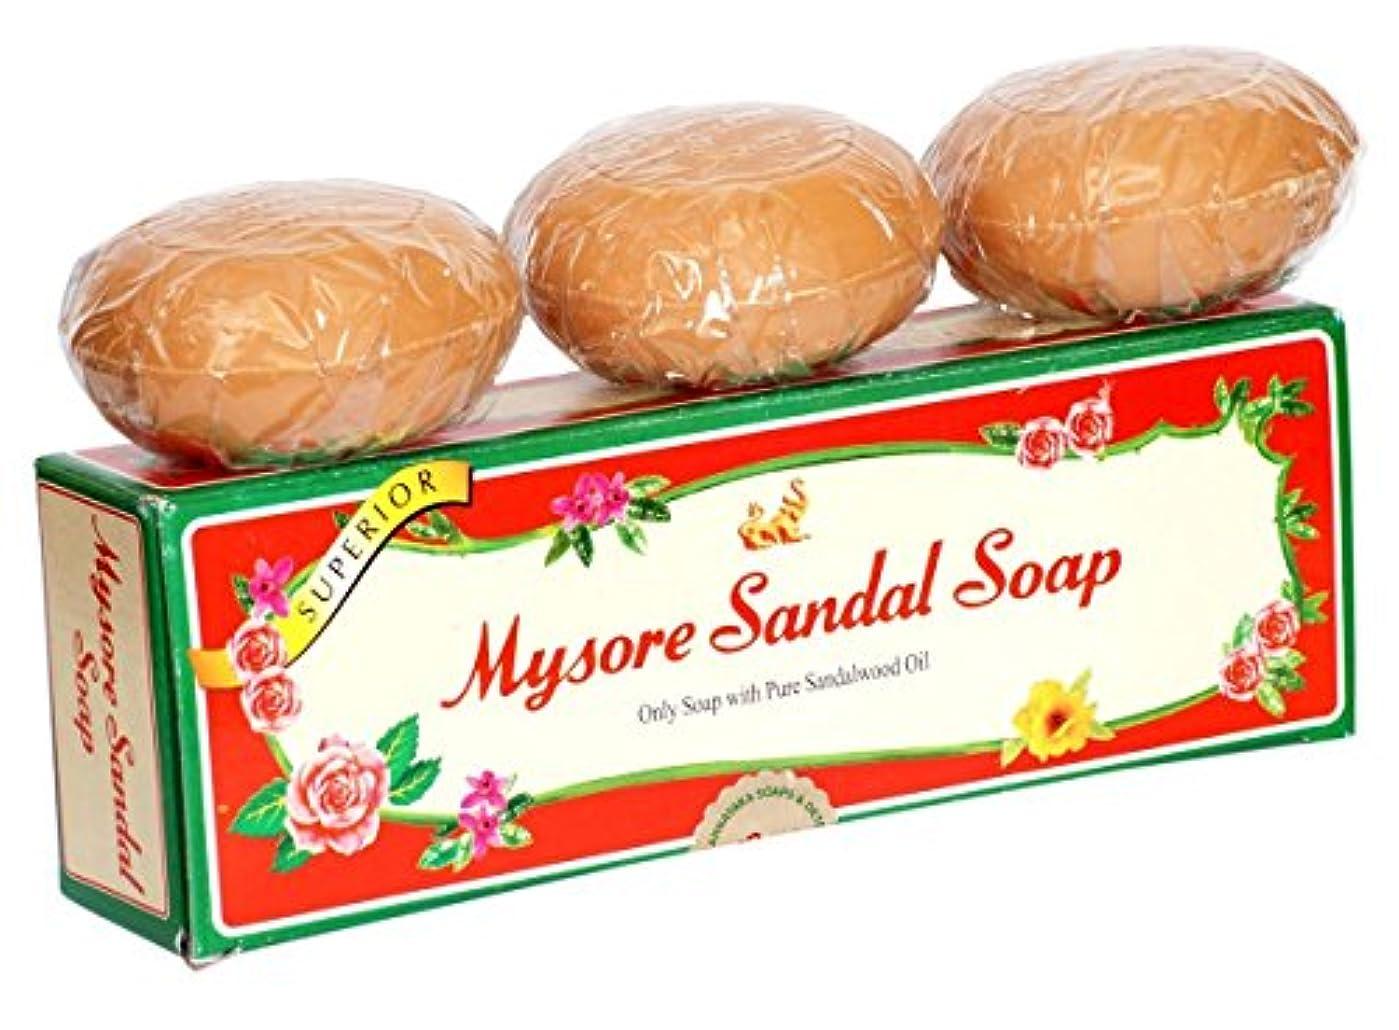 設置優雅な和らげるMysore Pure Natural Sandalwood Oil Ayurvedic Soap - 3 x 150g bars in 1 gift pack